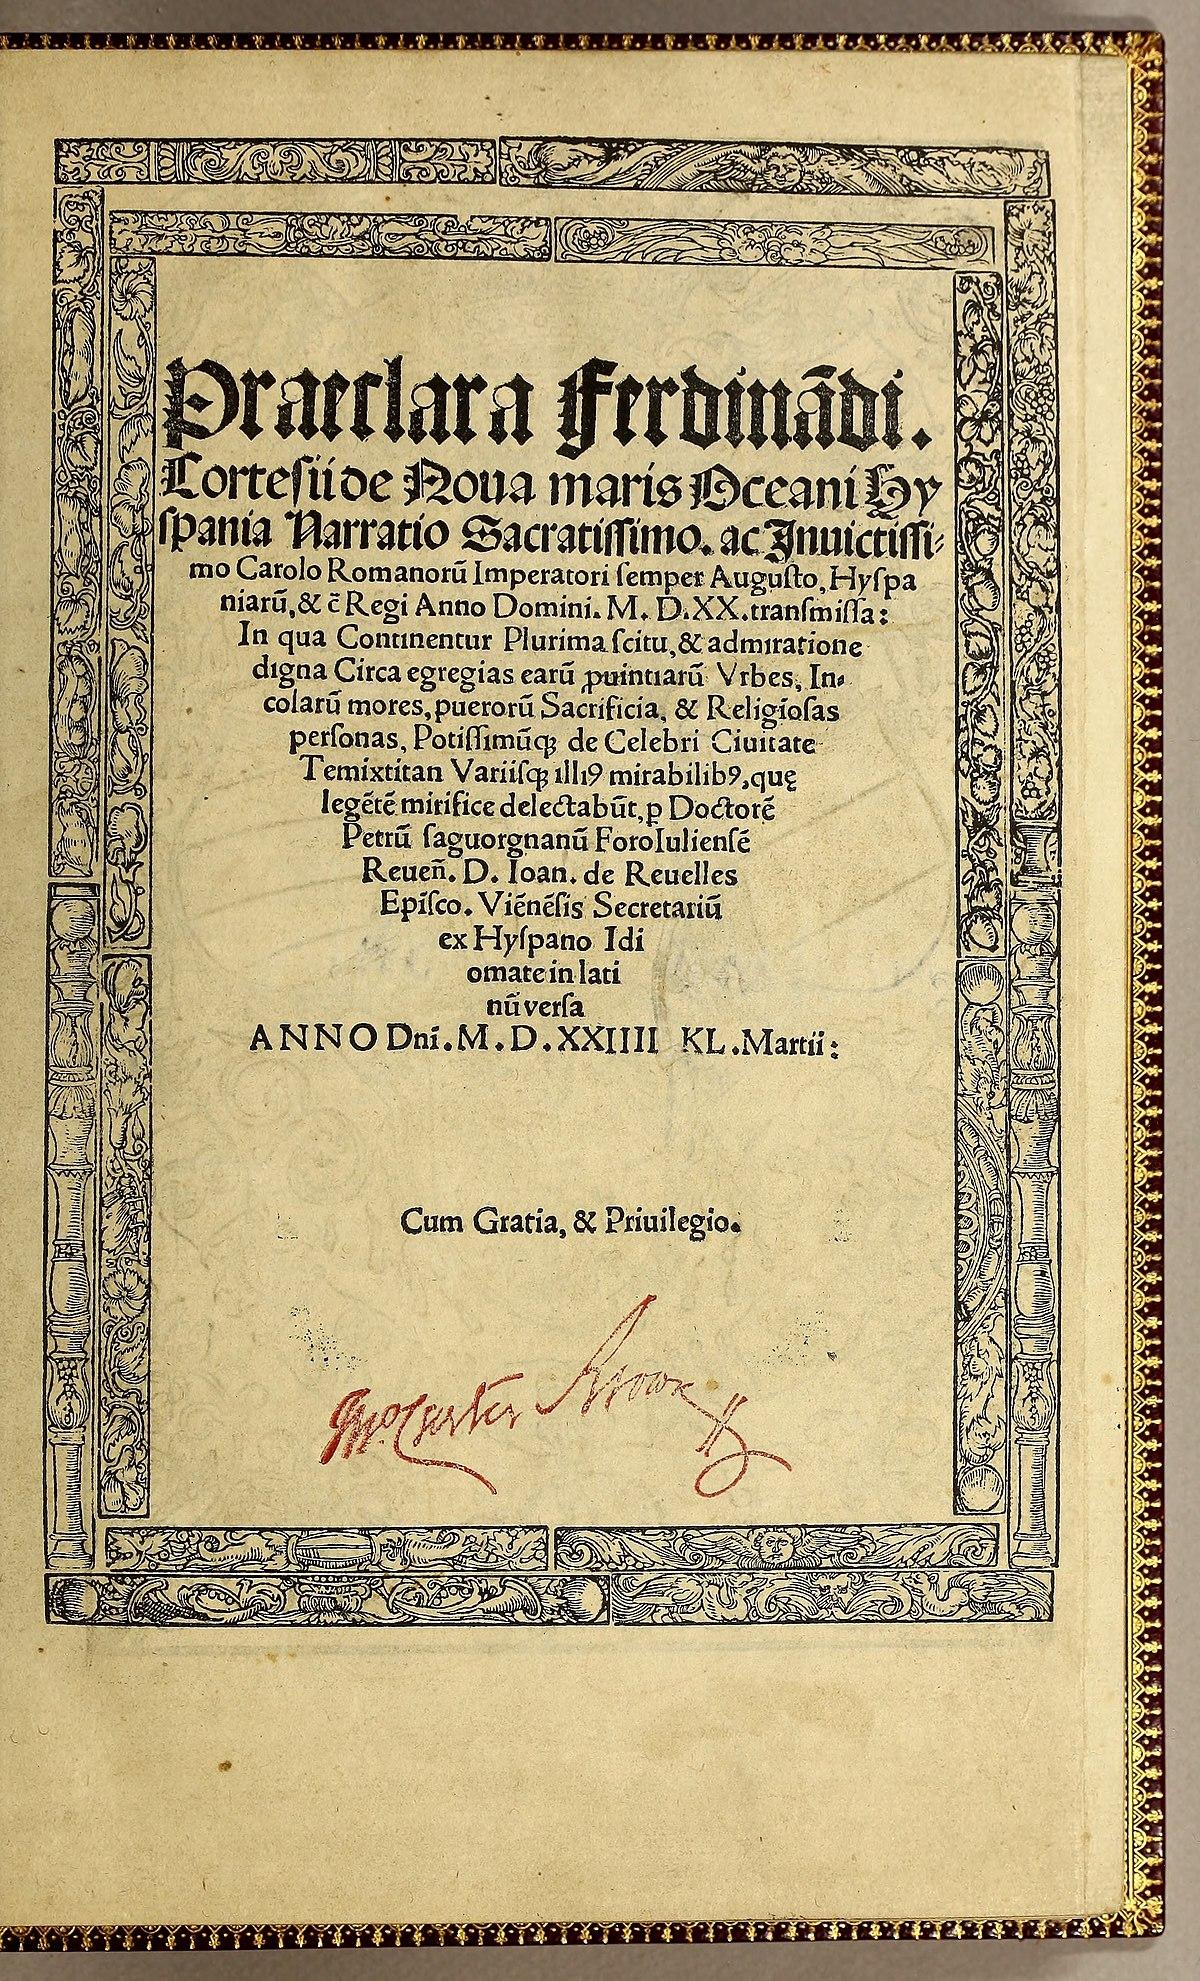 Cartas de relación - Wikipedia, la enciclopedia libre